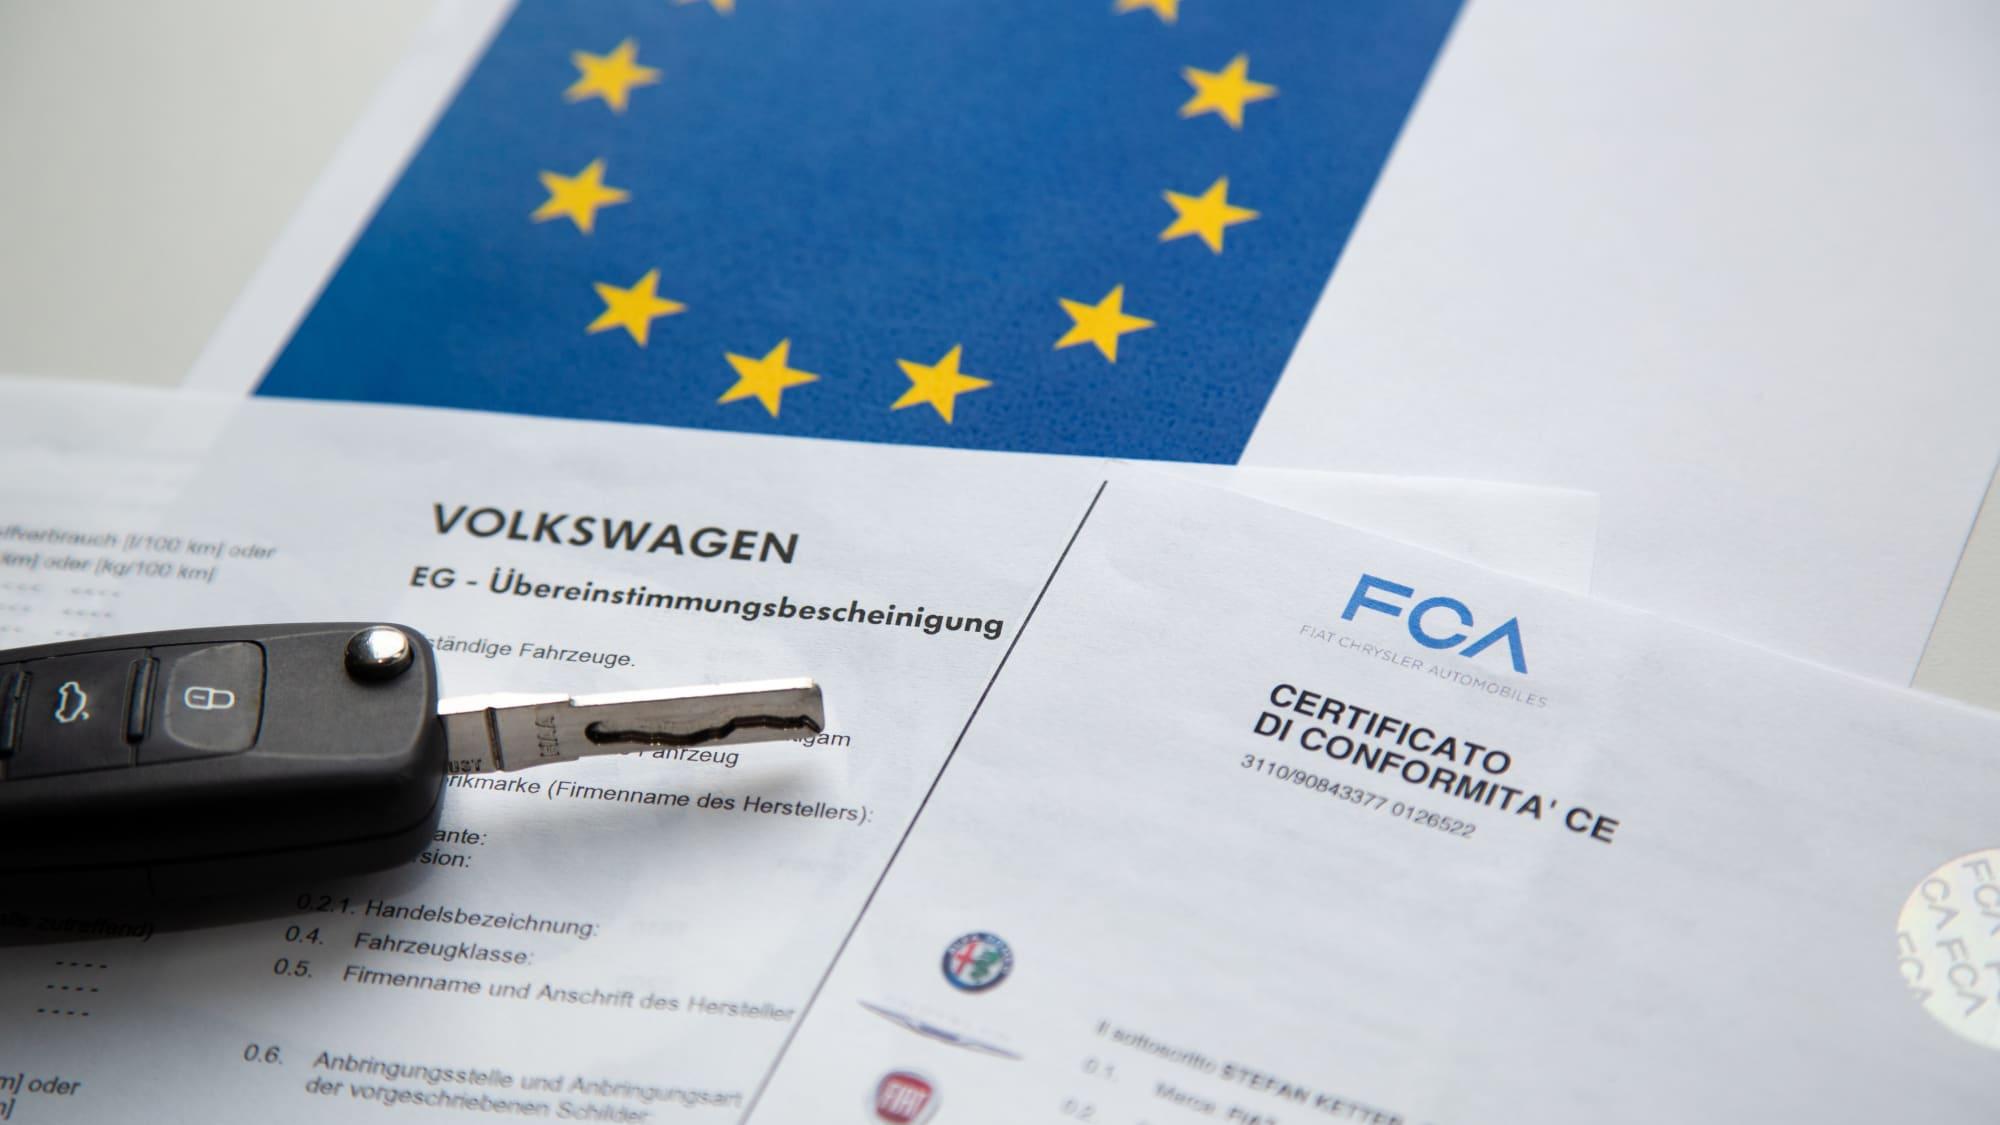 Die CoC-Papiere werden für den Import von Fahrzeugen sowie den Autoverkauf von Deutschland ins EU-Ausland benötigt.